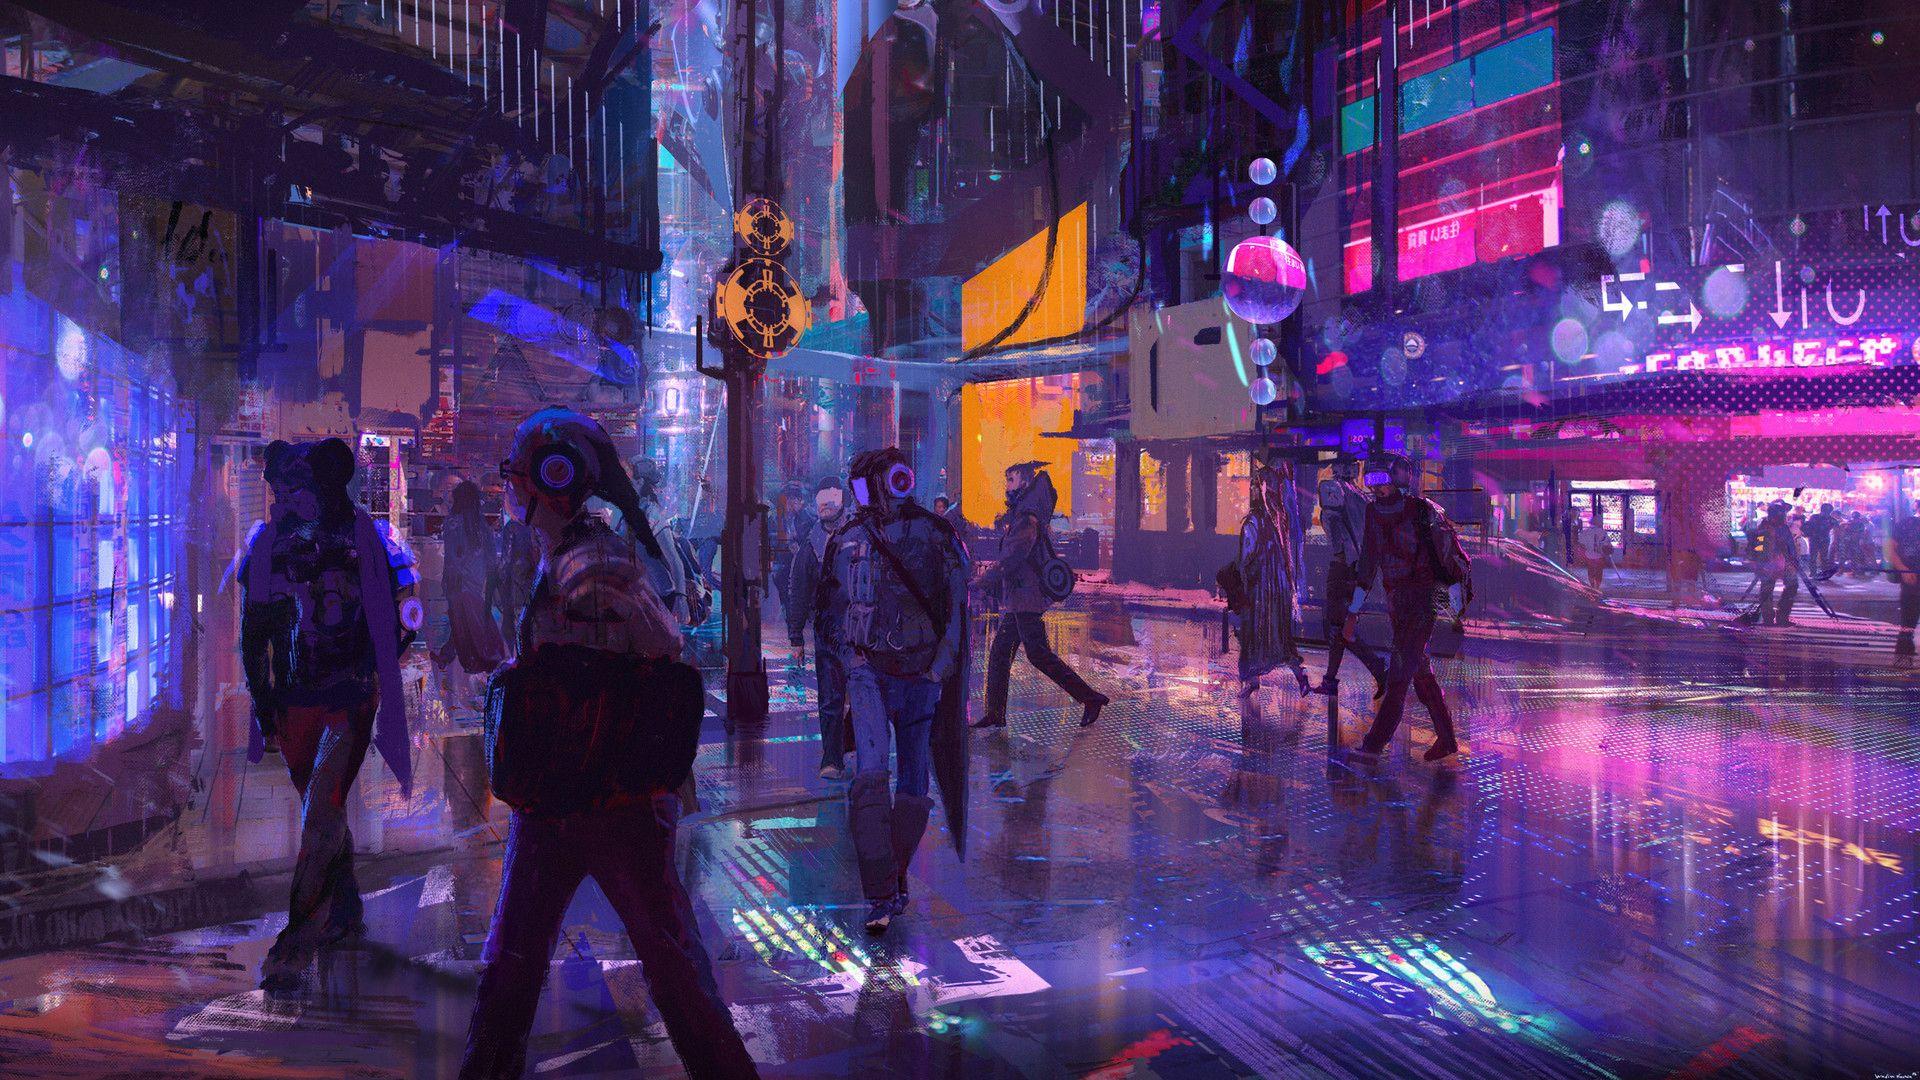 ¿Por qué la ciencia ficción tiene miedo del futuro